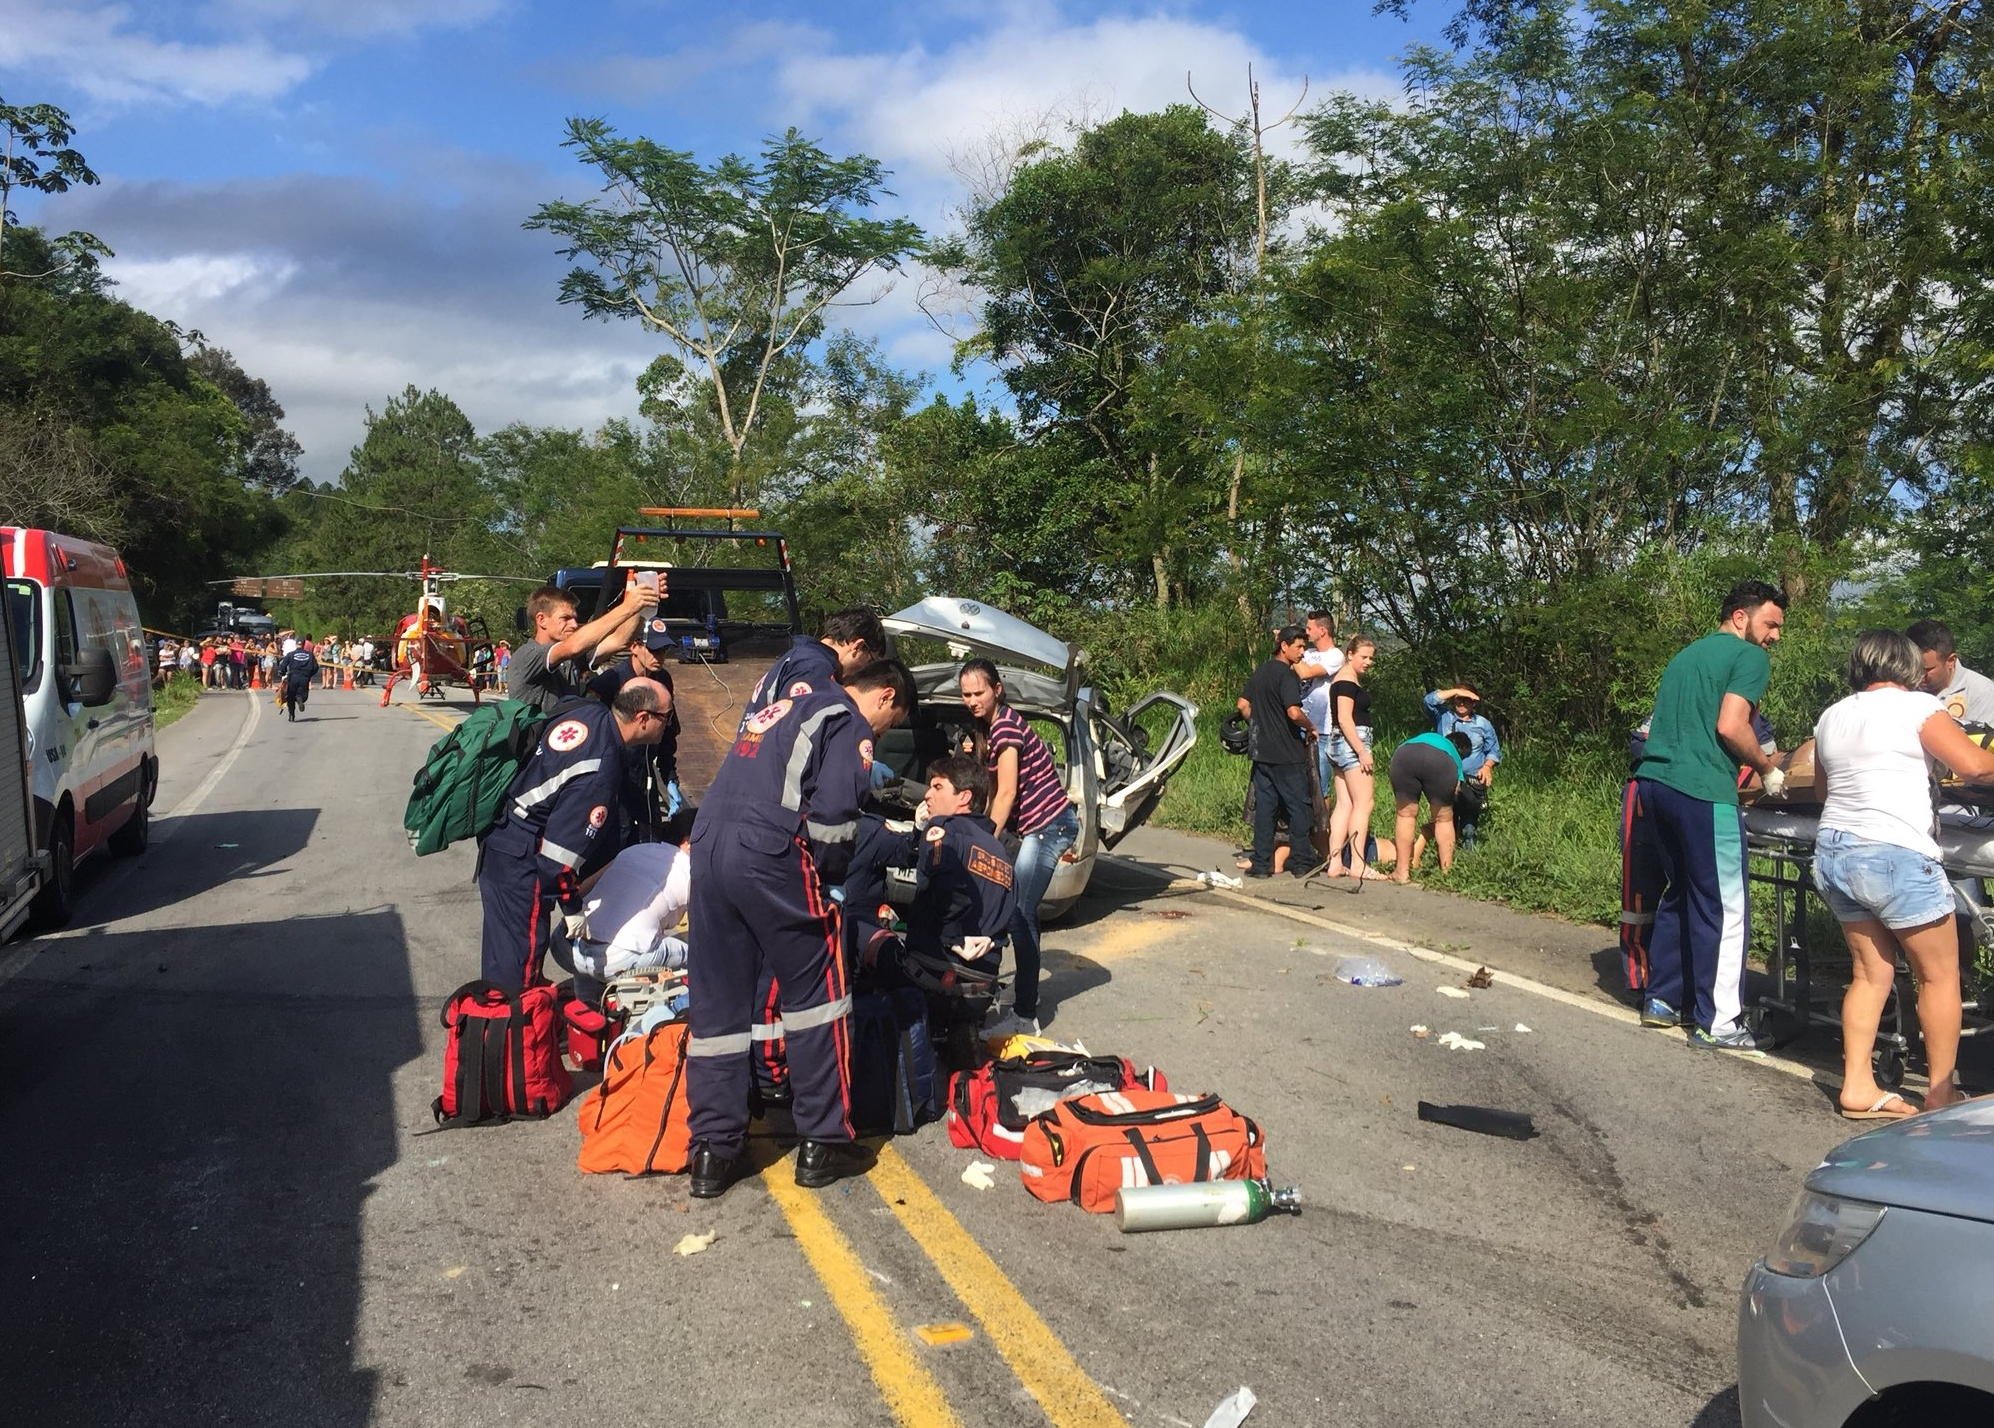 Equipes do Samu, bombeiros, Arcanjo, polícia prestaram atendimento no acidente - Arcanjo/ Diculgação